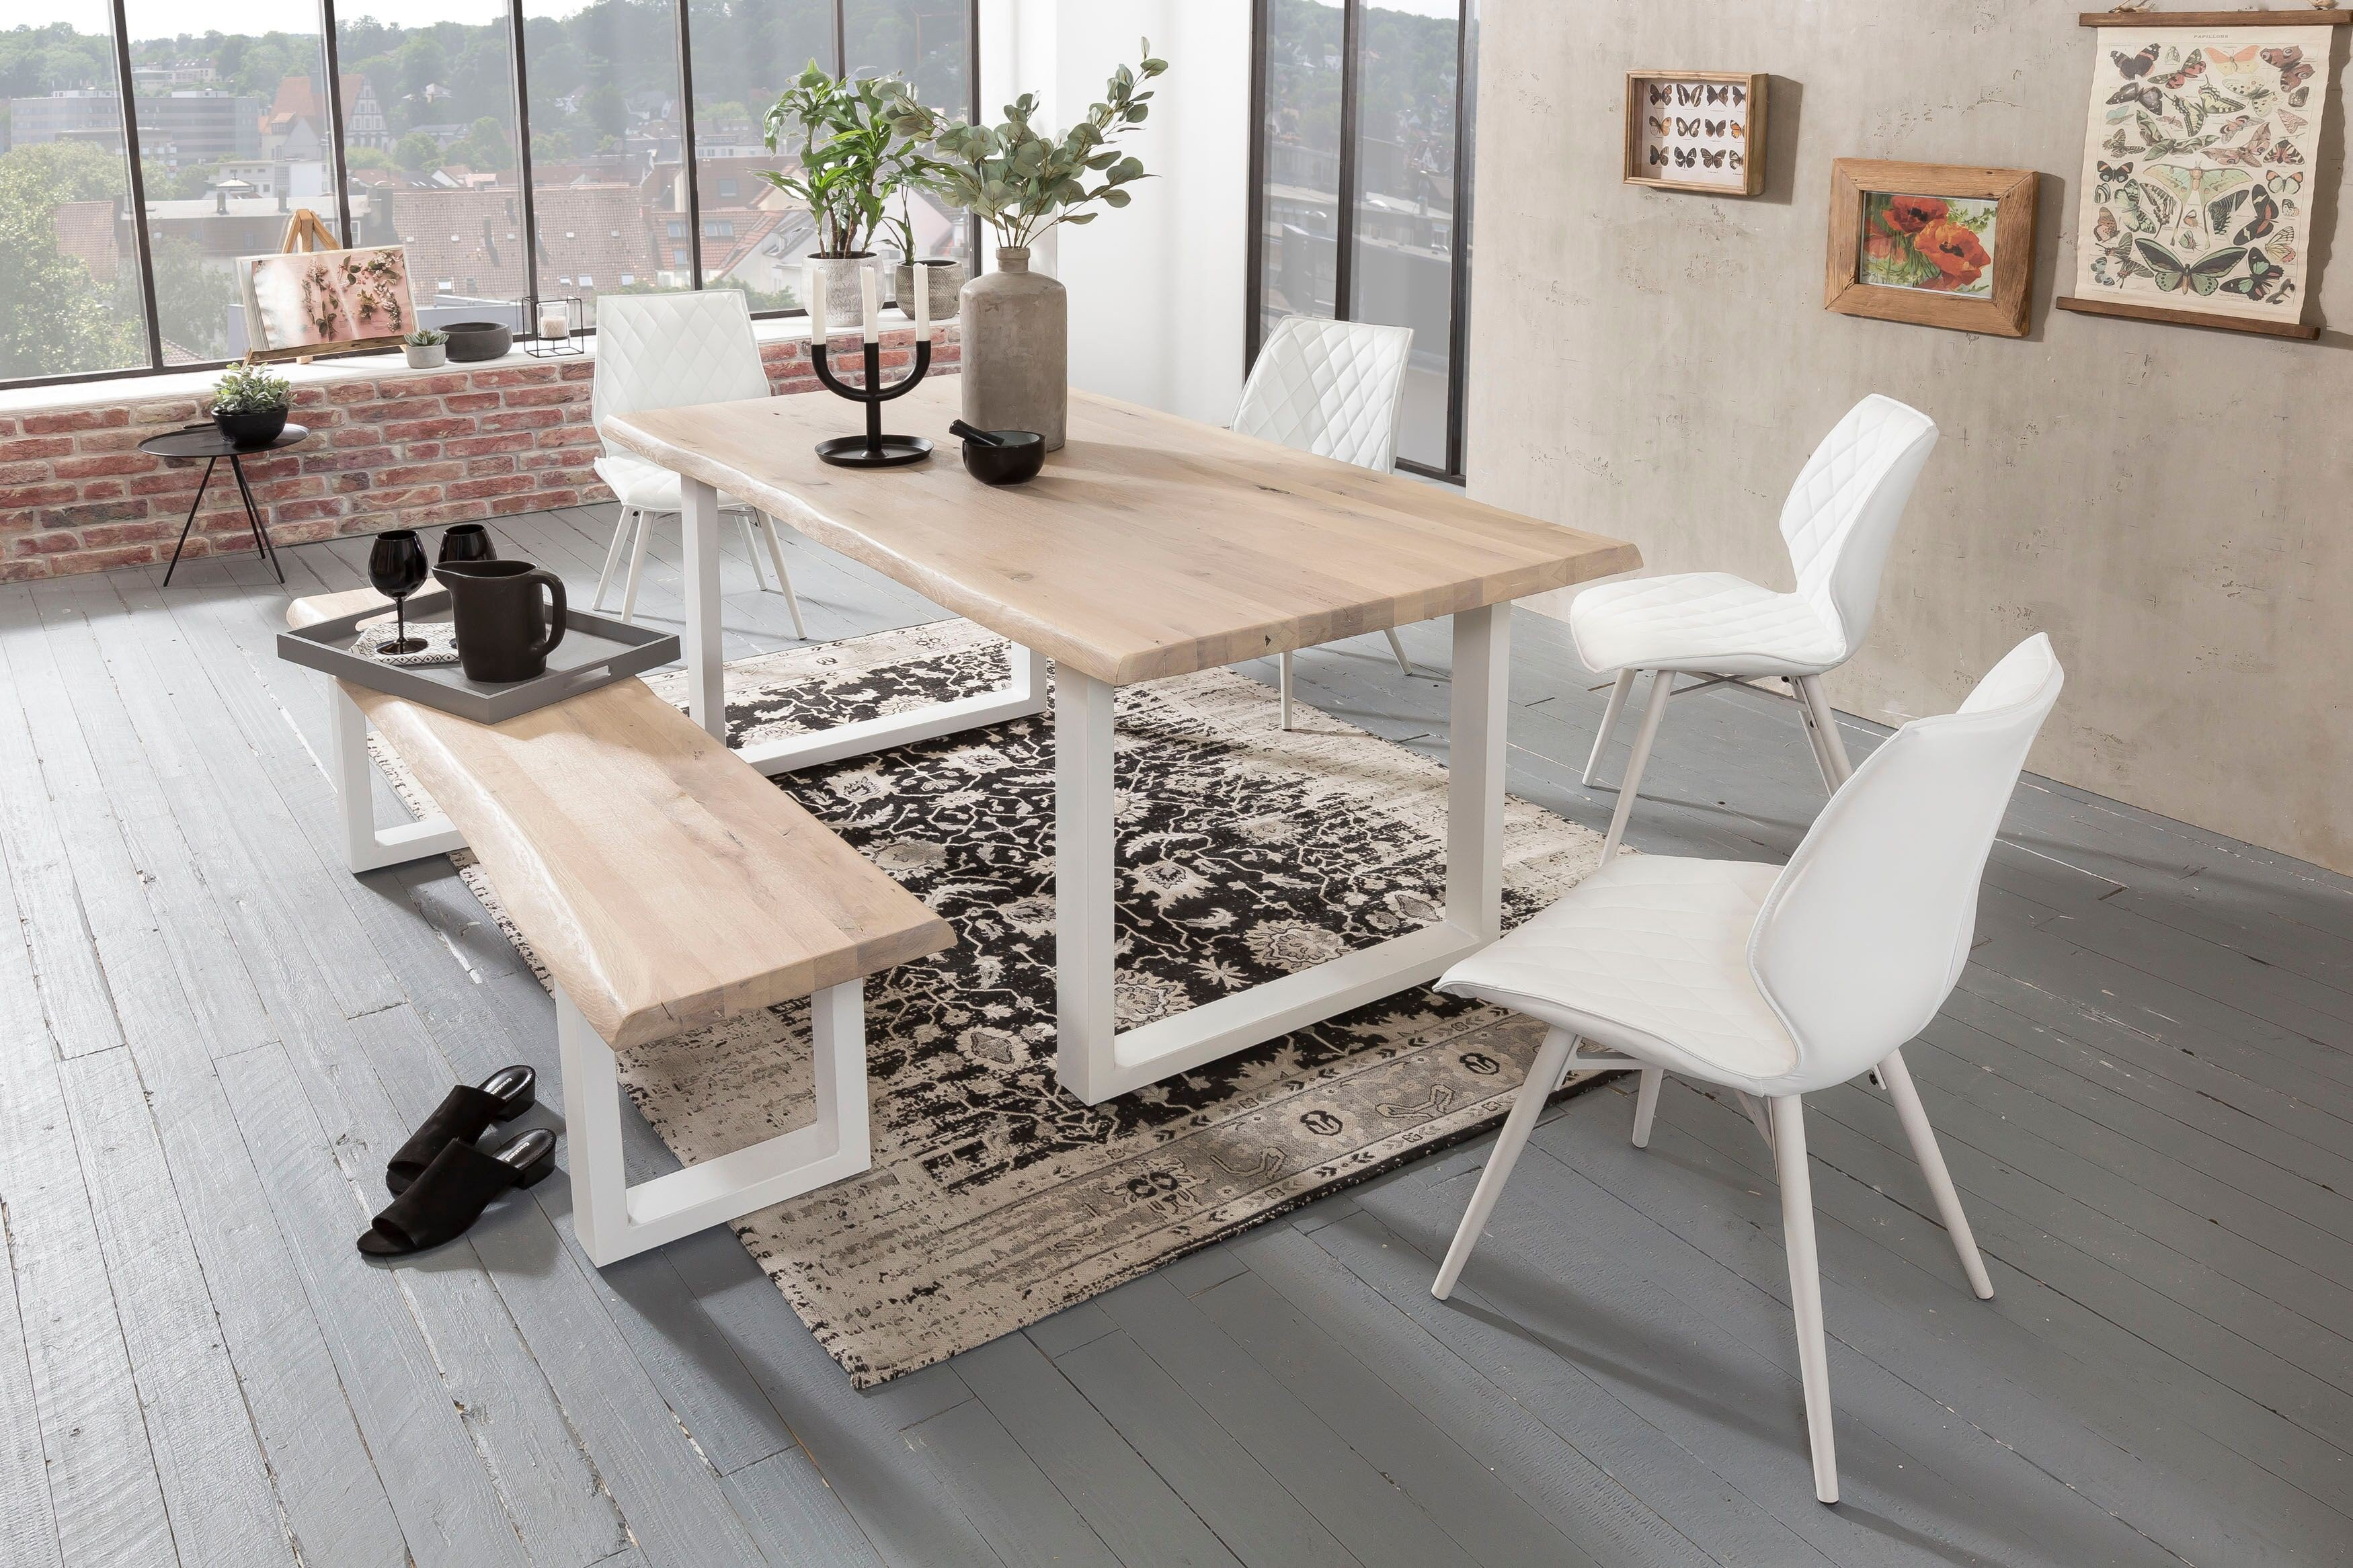 Jaik von Skandinavische Möbel - Esstisch mit echter Baumkante